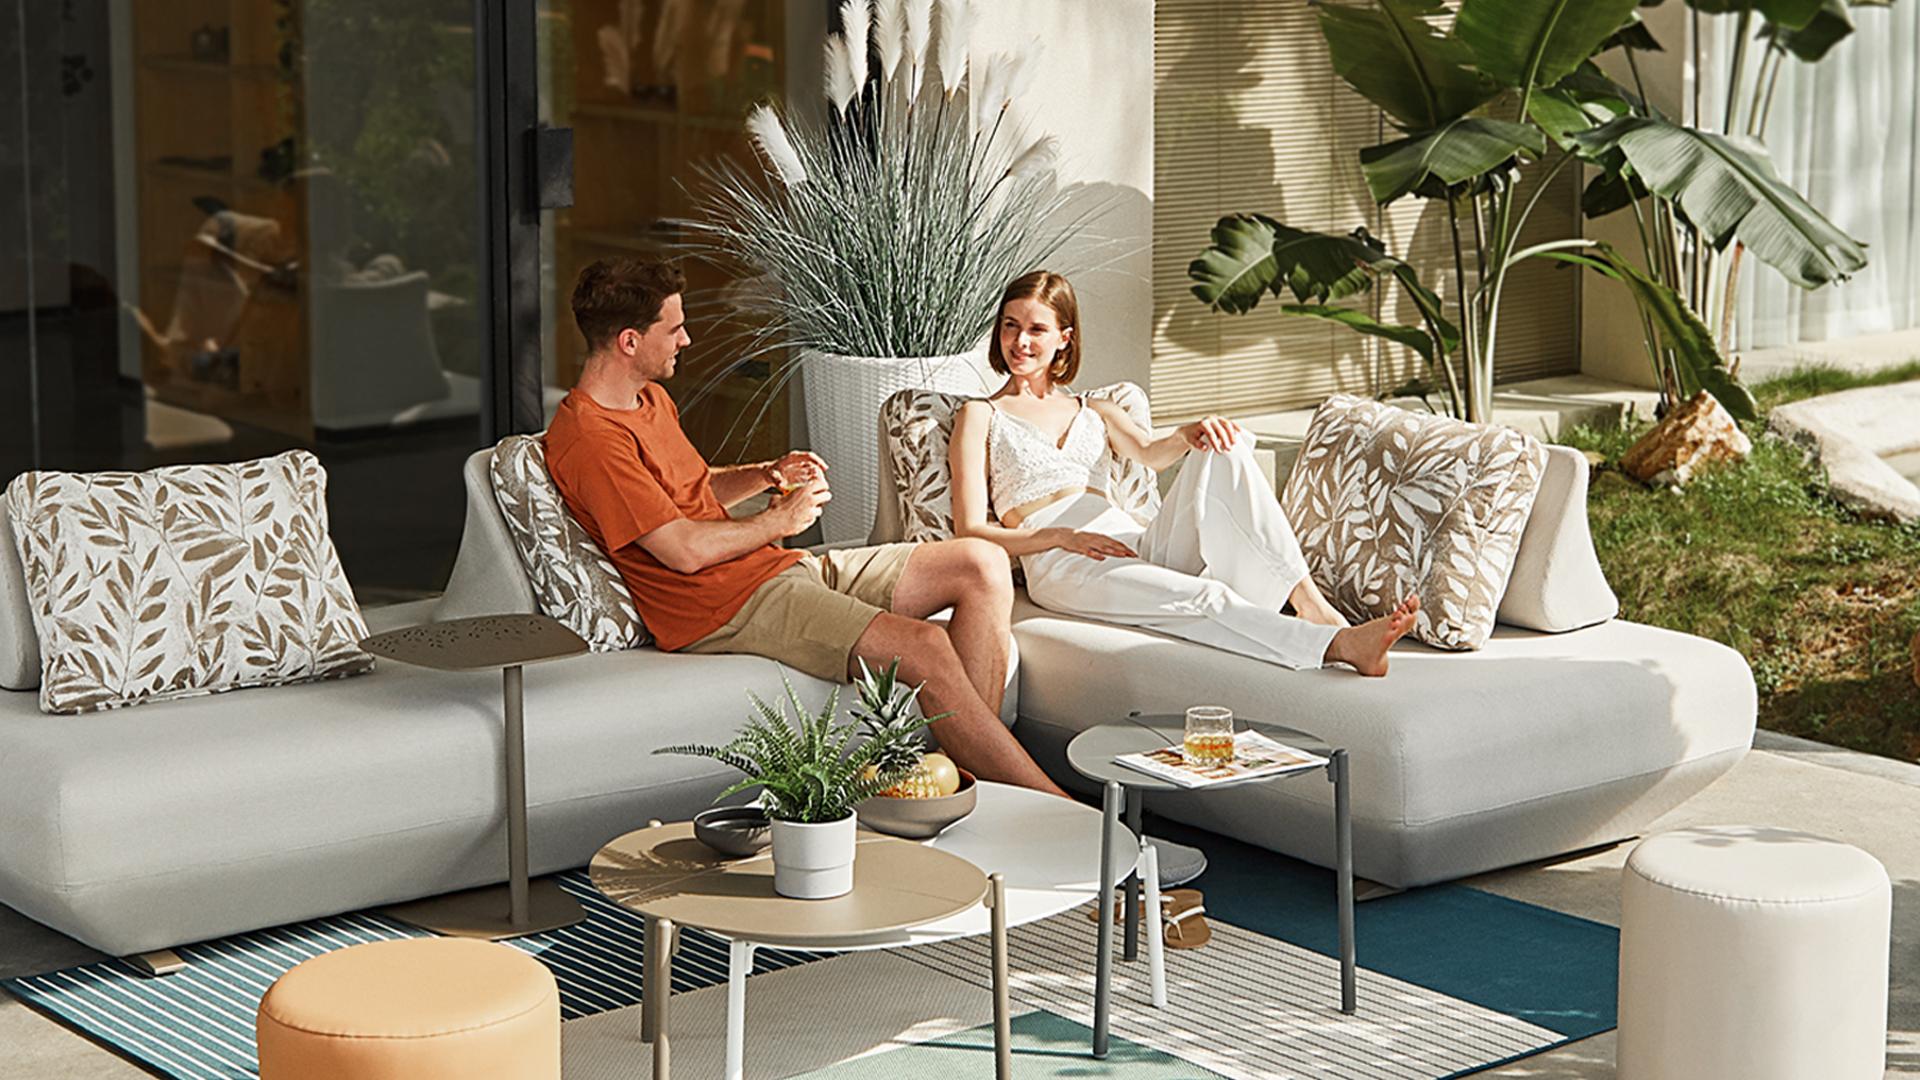 アウトドアインテリアのソファの画像。屋内外で使用できる完全防水のソファ。